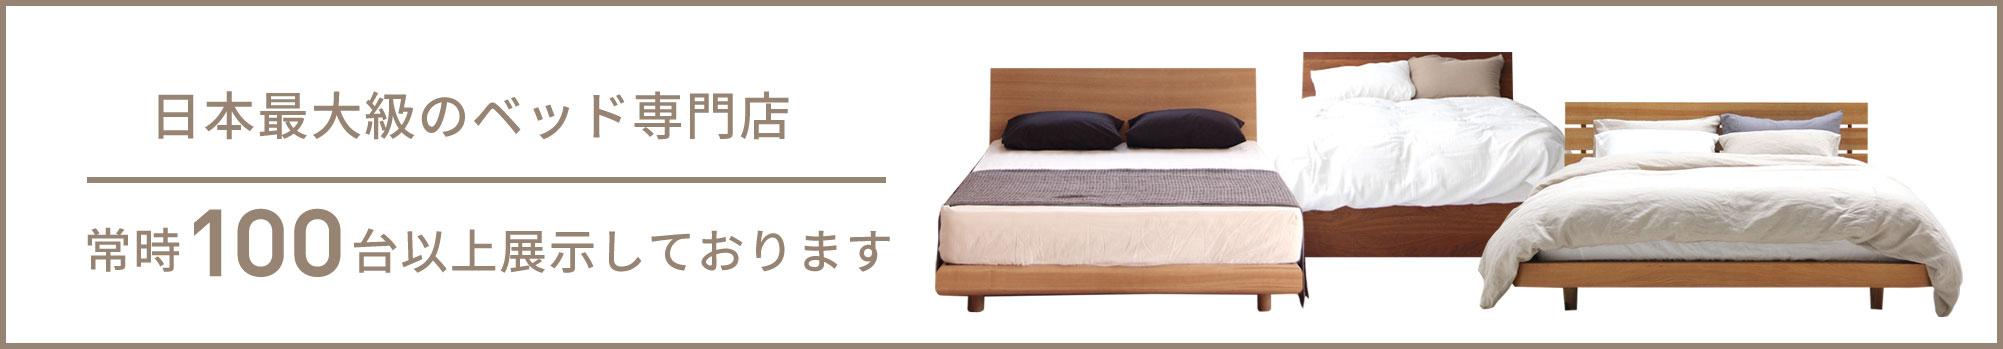 日本最大級のベッド専門店ビーナスベッド 常時100台以上展示しております。